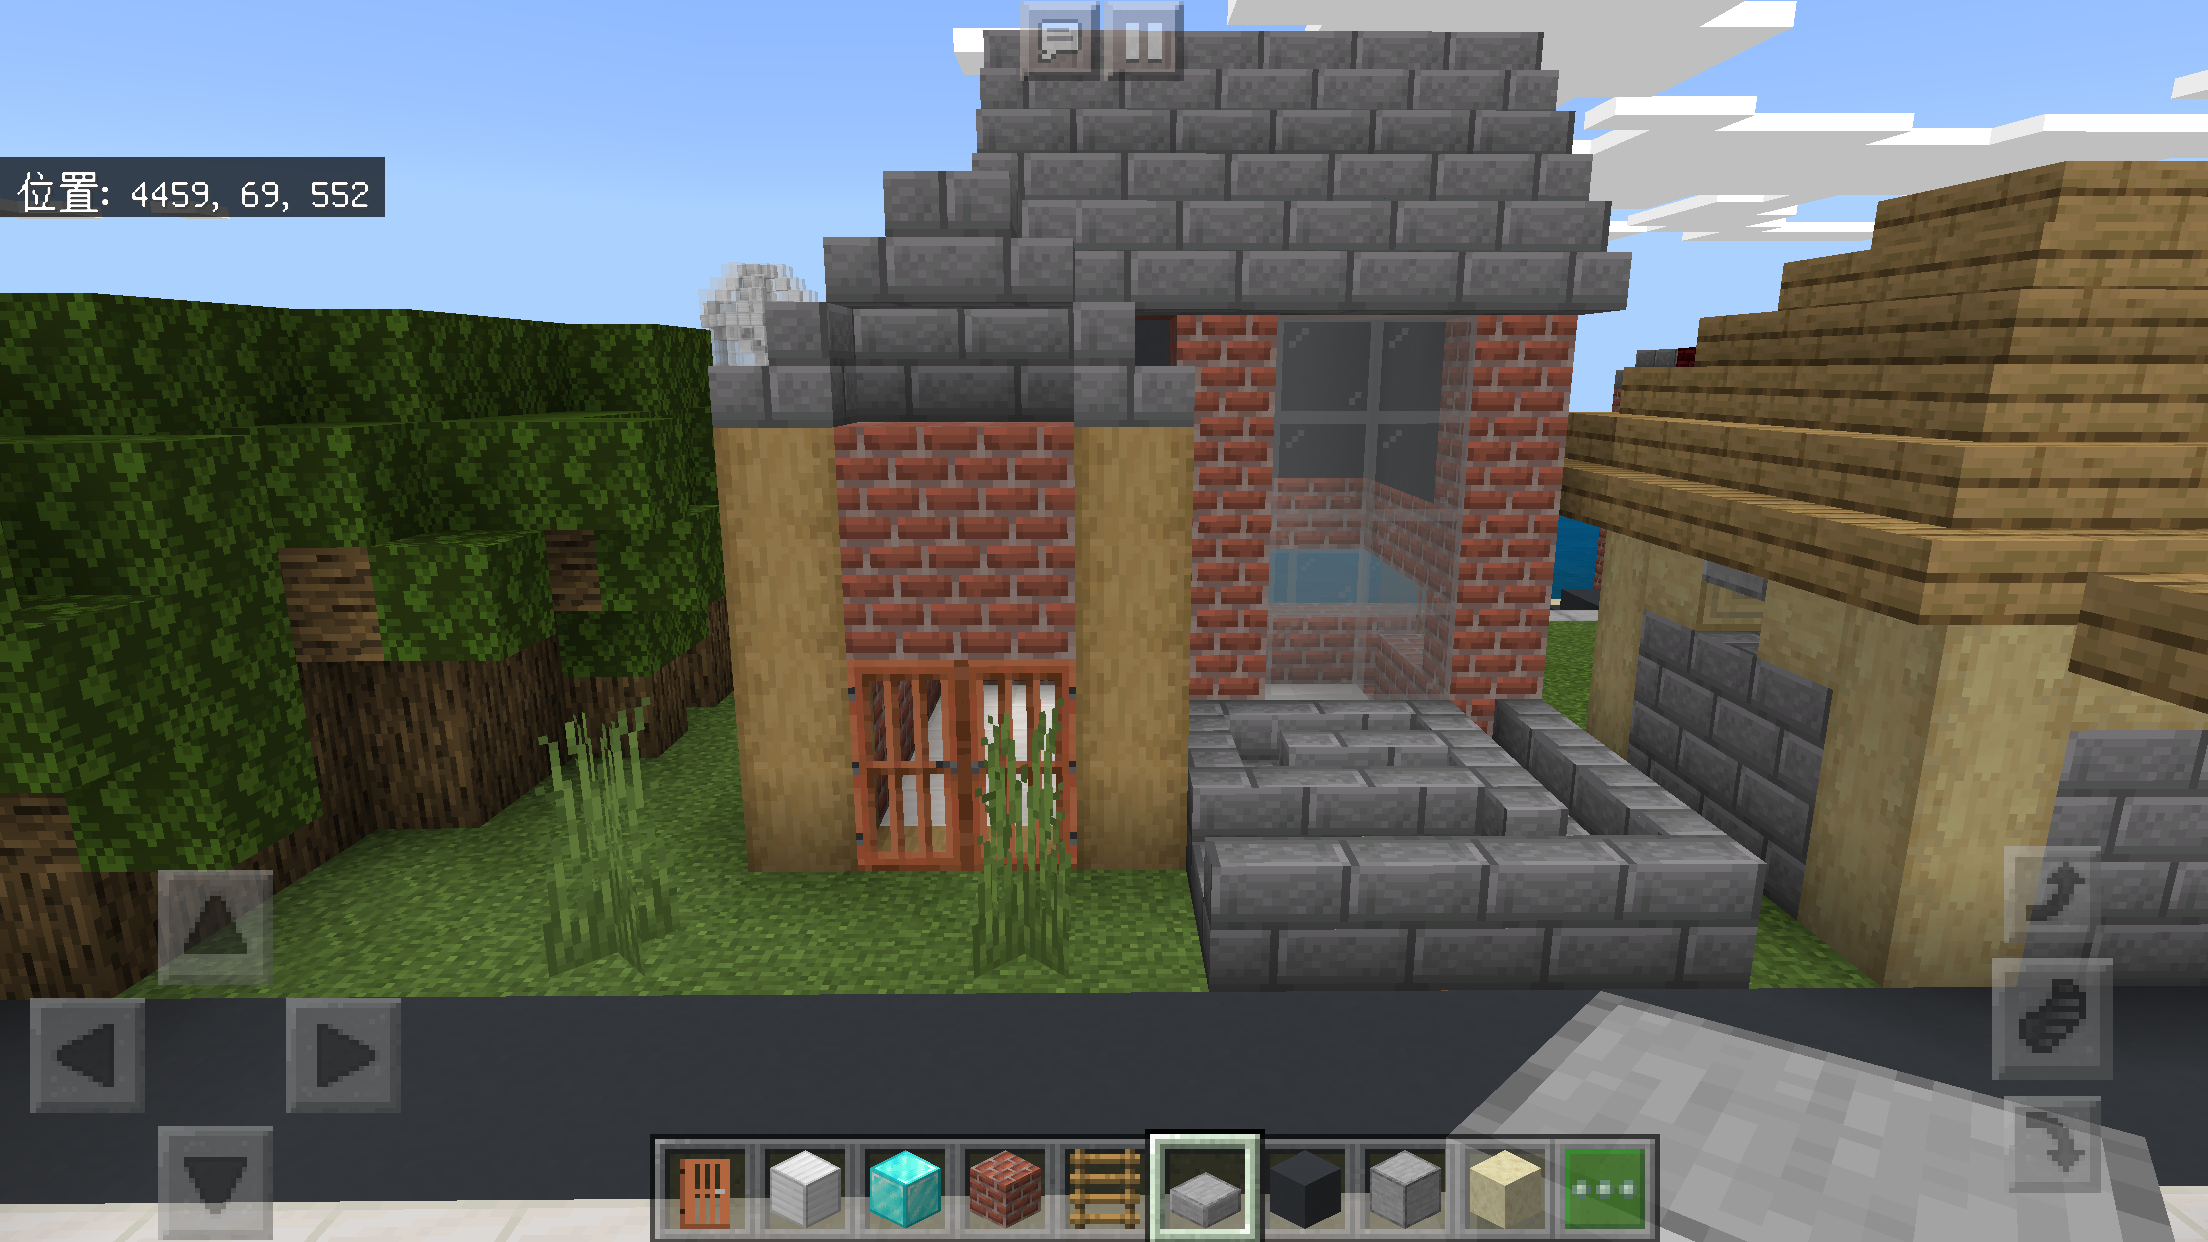 f:id:Minecraftkun:20200223180026p:image